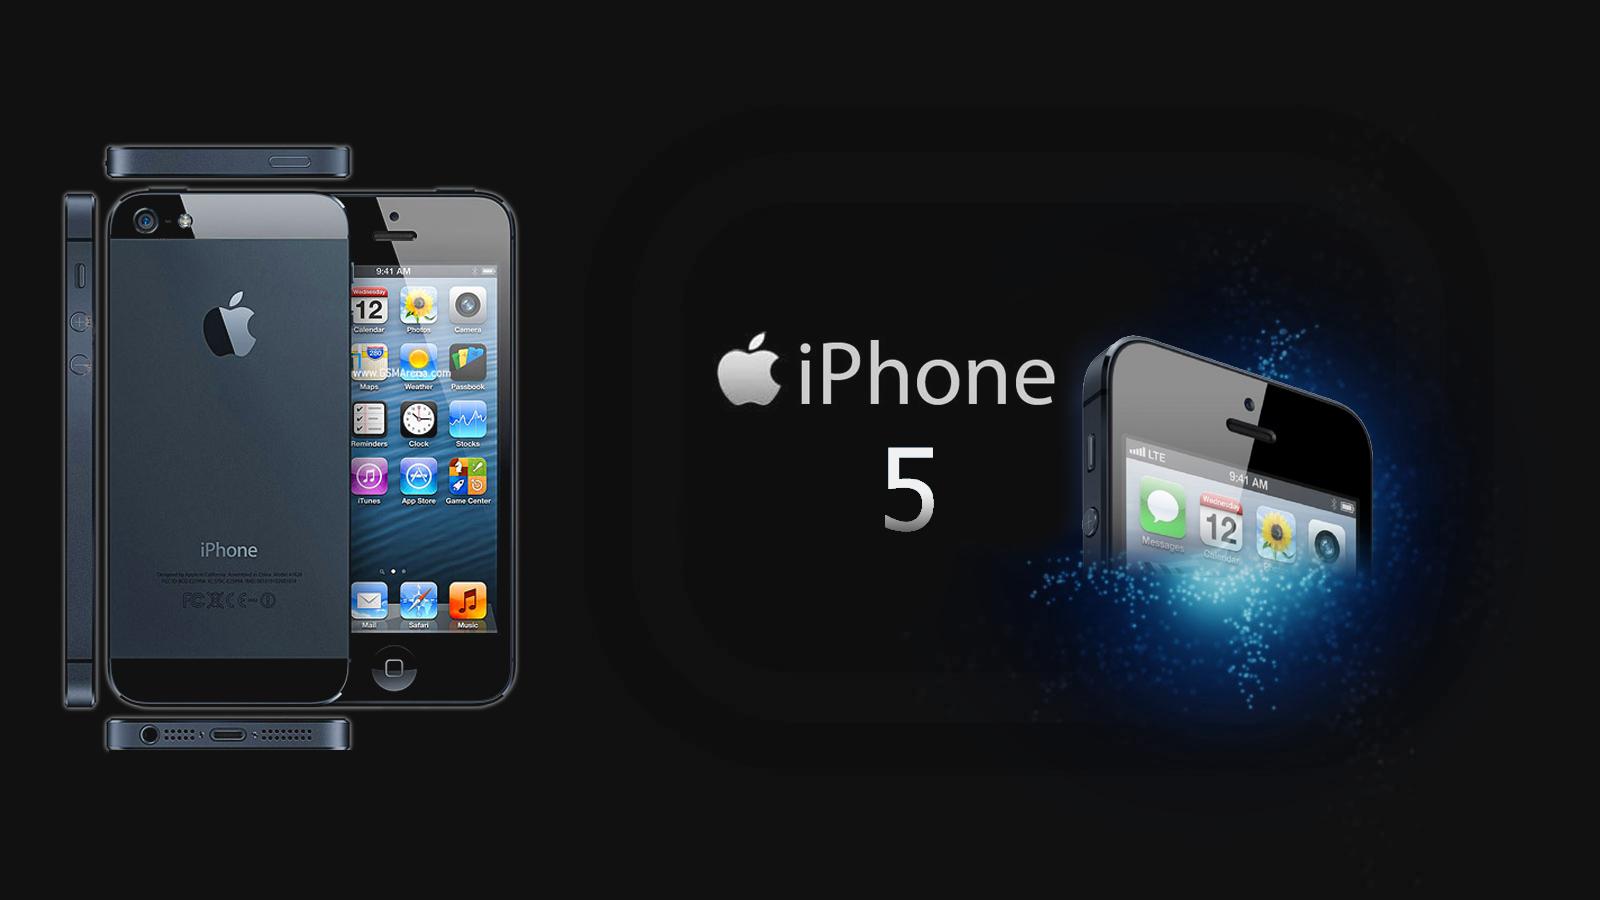 apple iphone 5 wallpapers hd - wallpapersafari